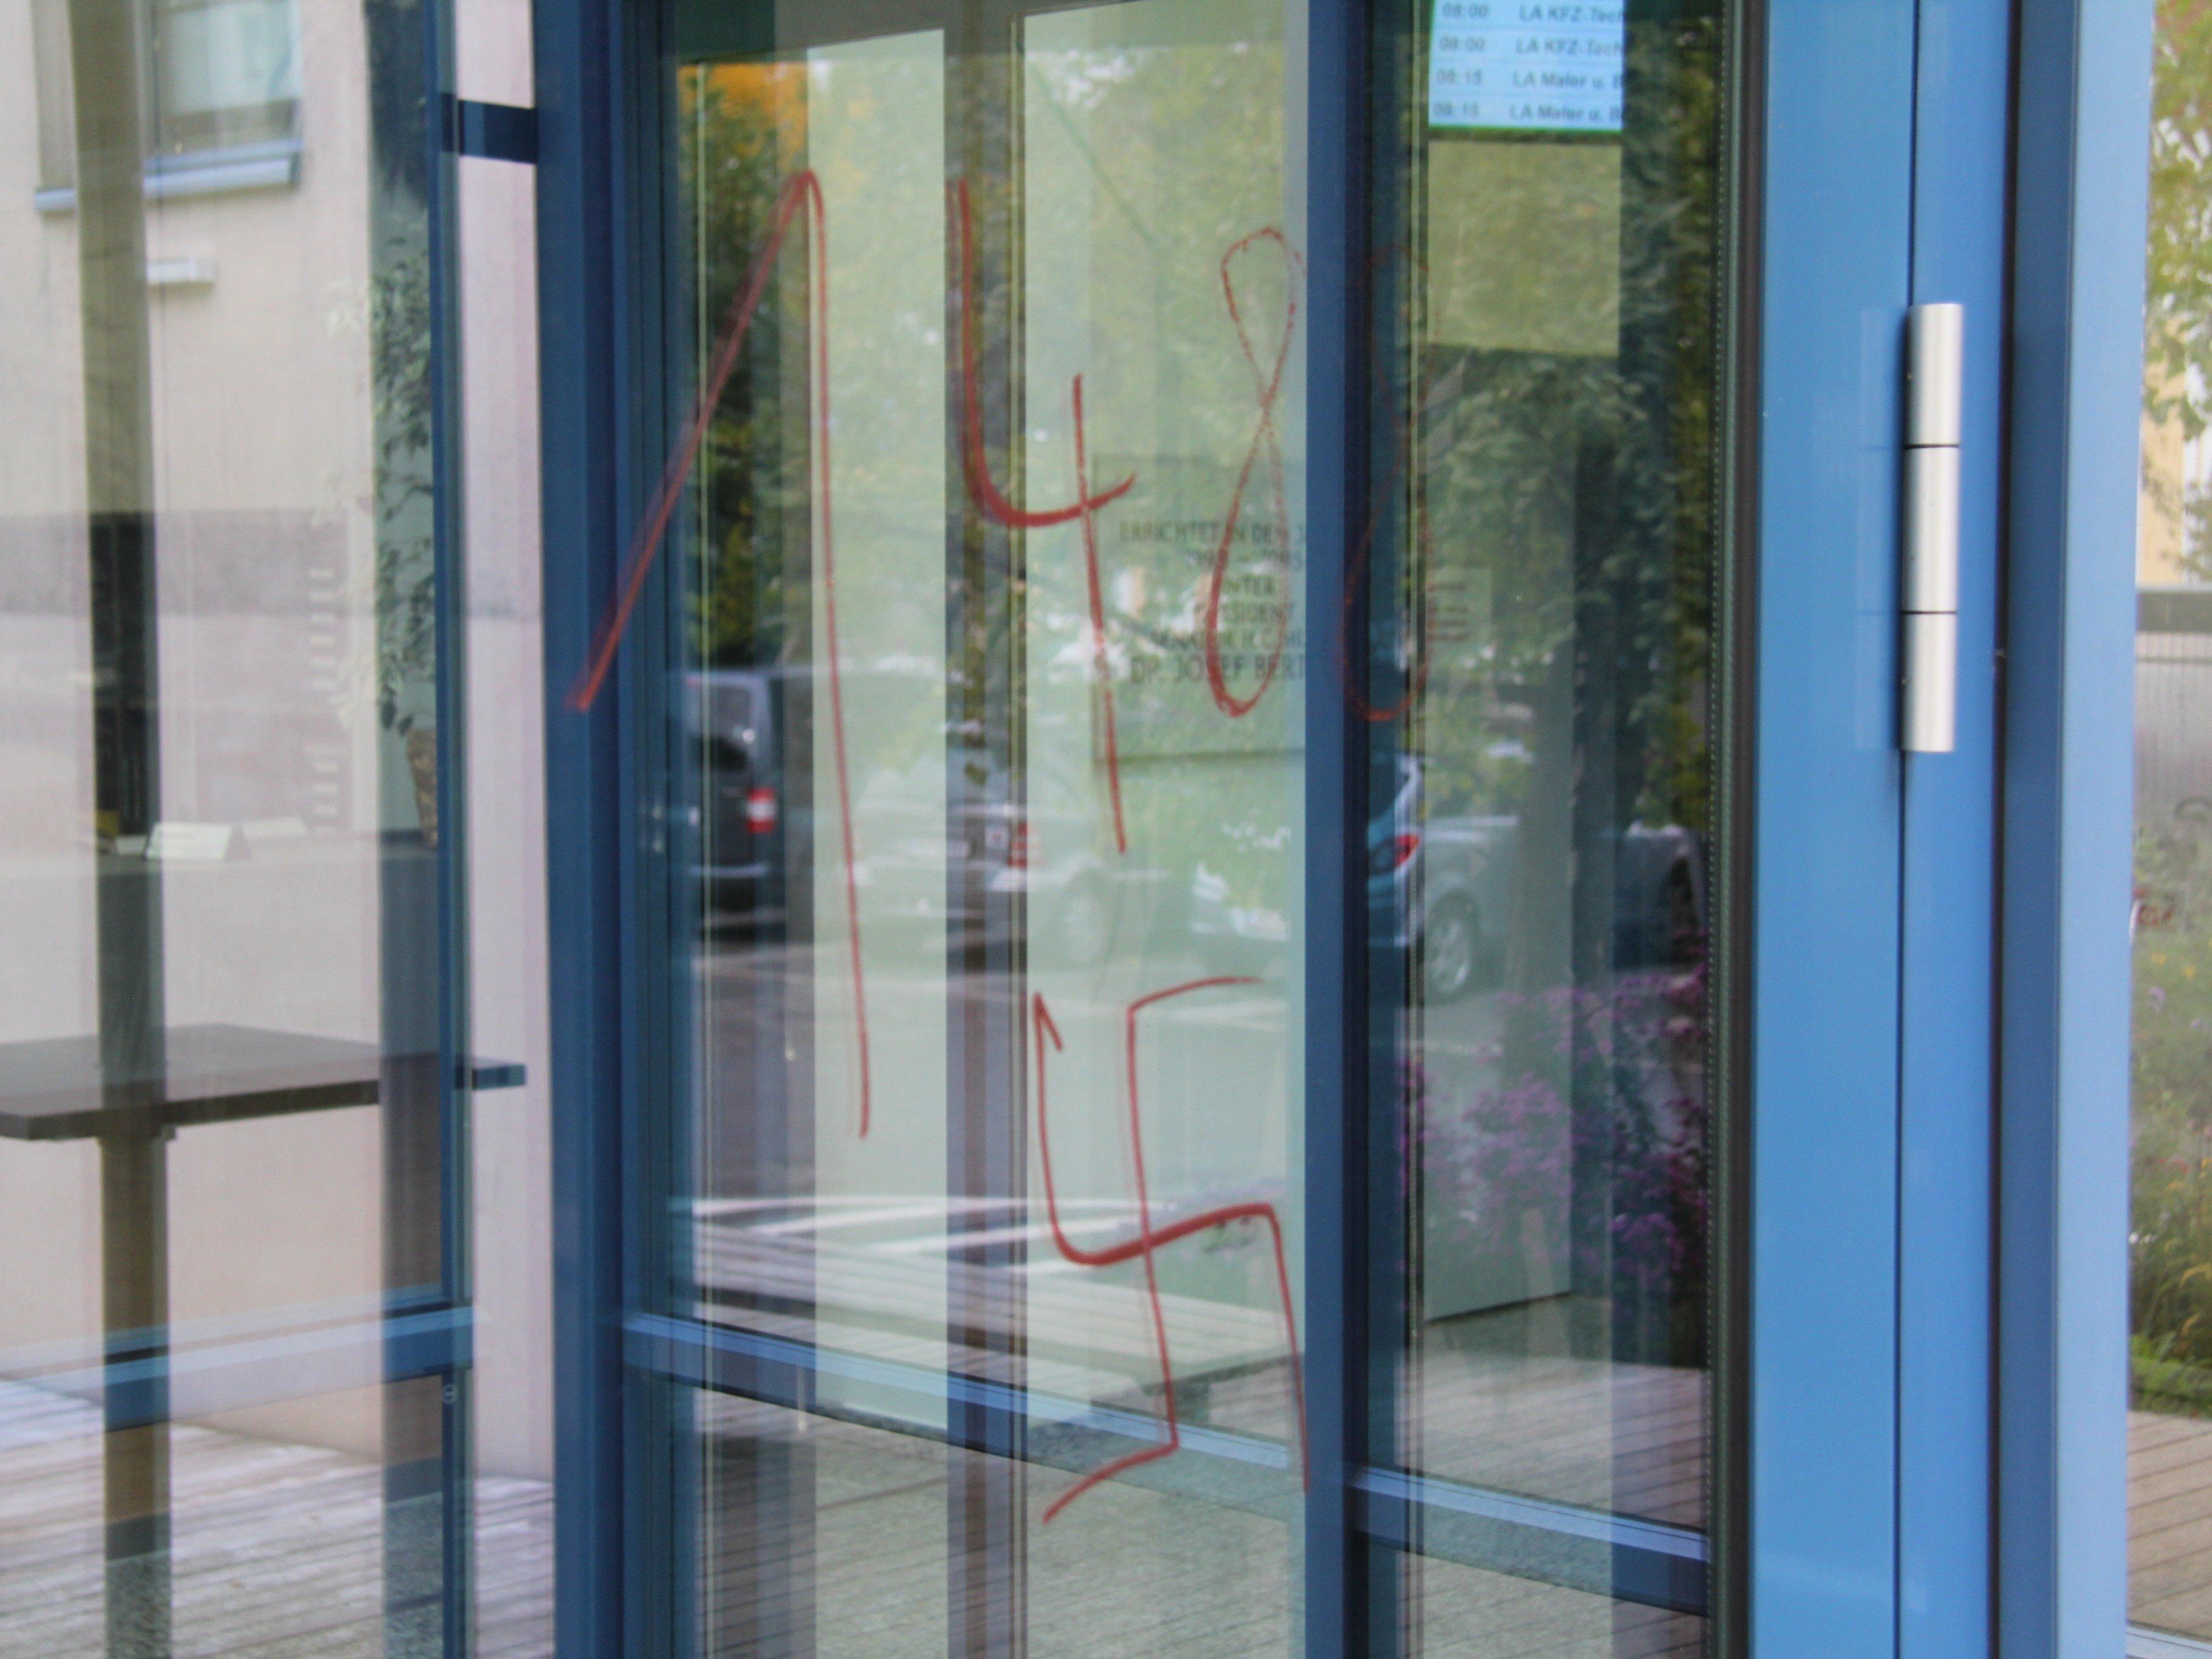 Hohenems: Asylbewerberheim und mehrere Orte im Jüdischen Viertel mit Nazi-Symbolen beschmiert.